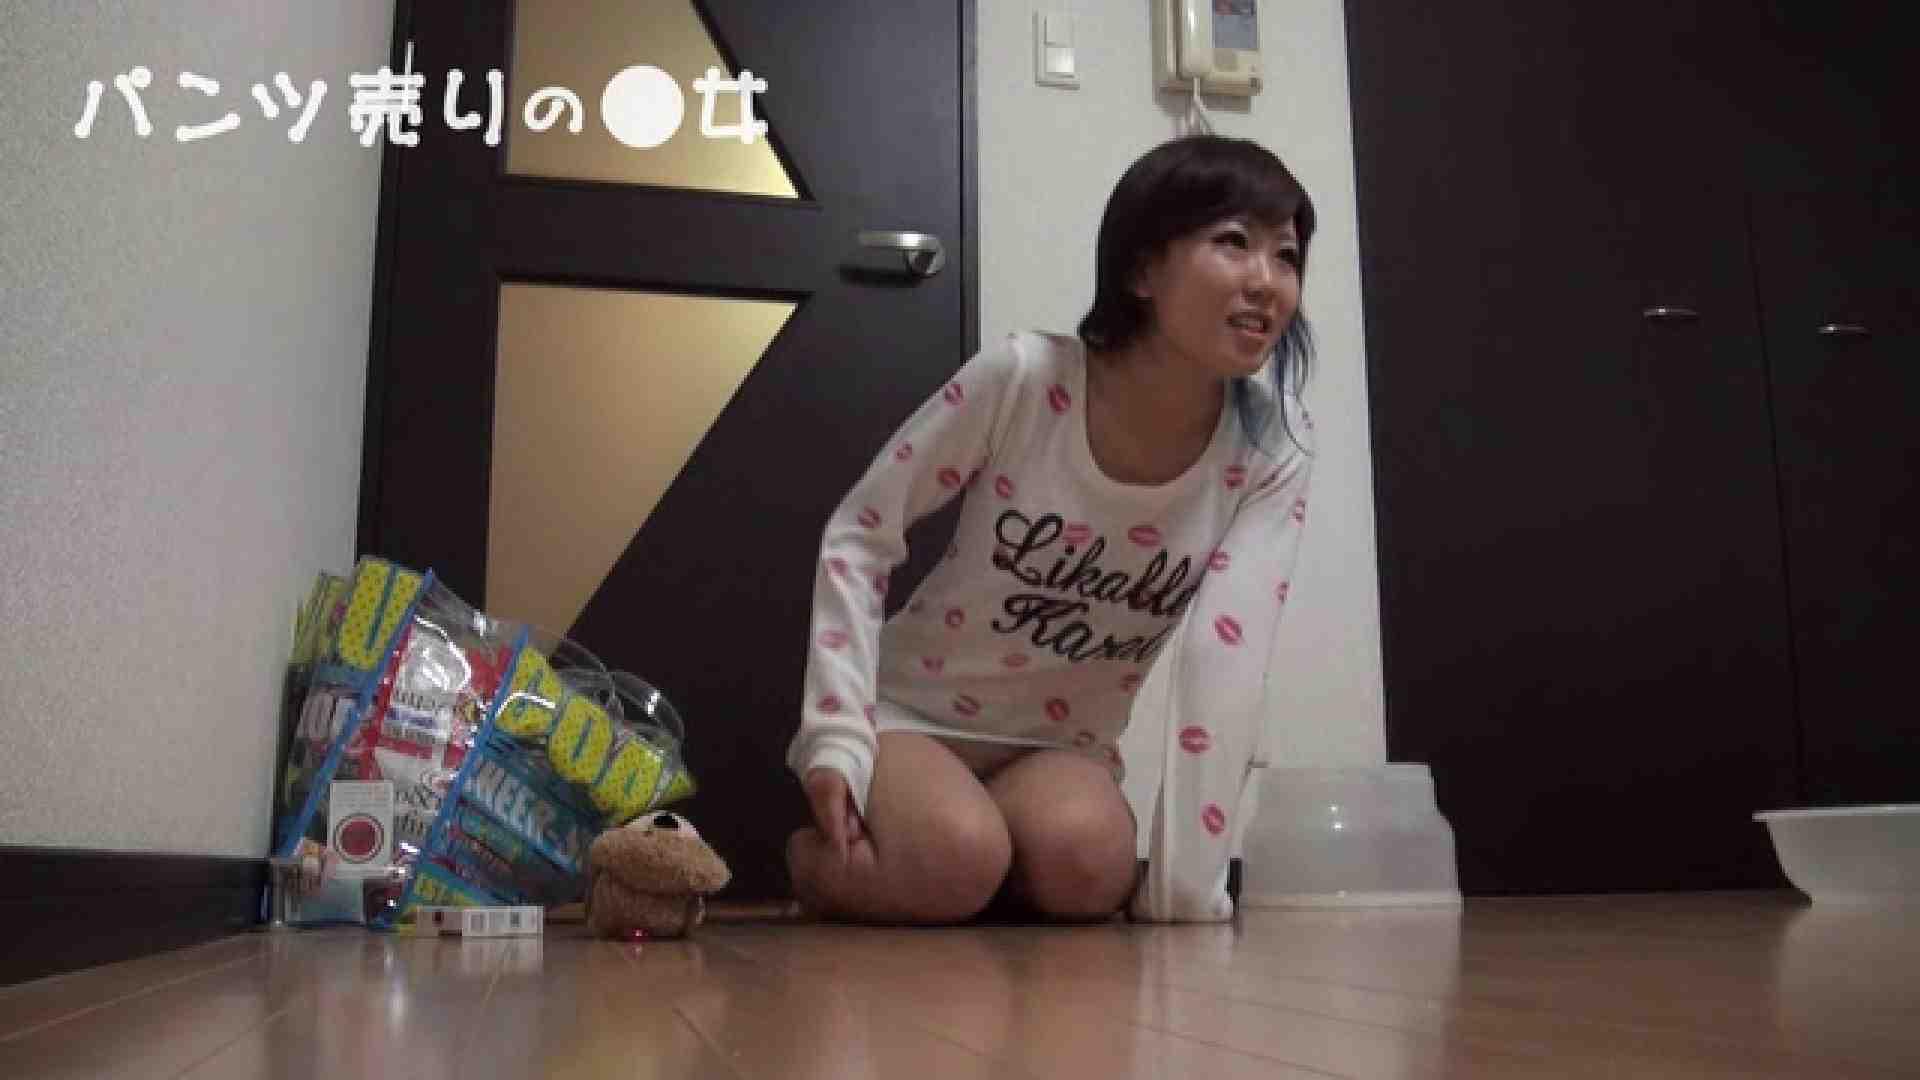 新説 パンツ売りの女の子nana マンコ   盗撮  63pic 13